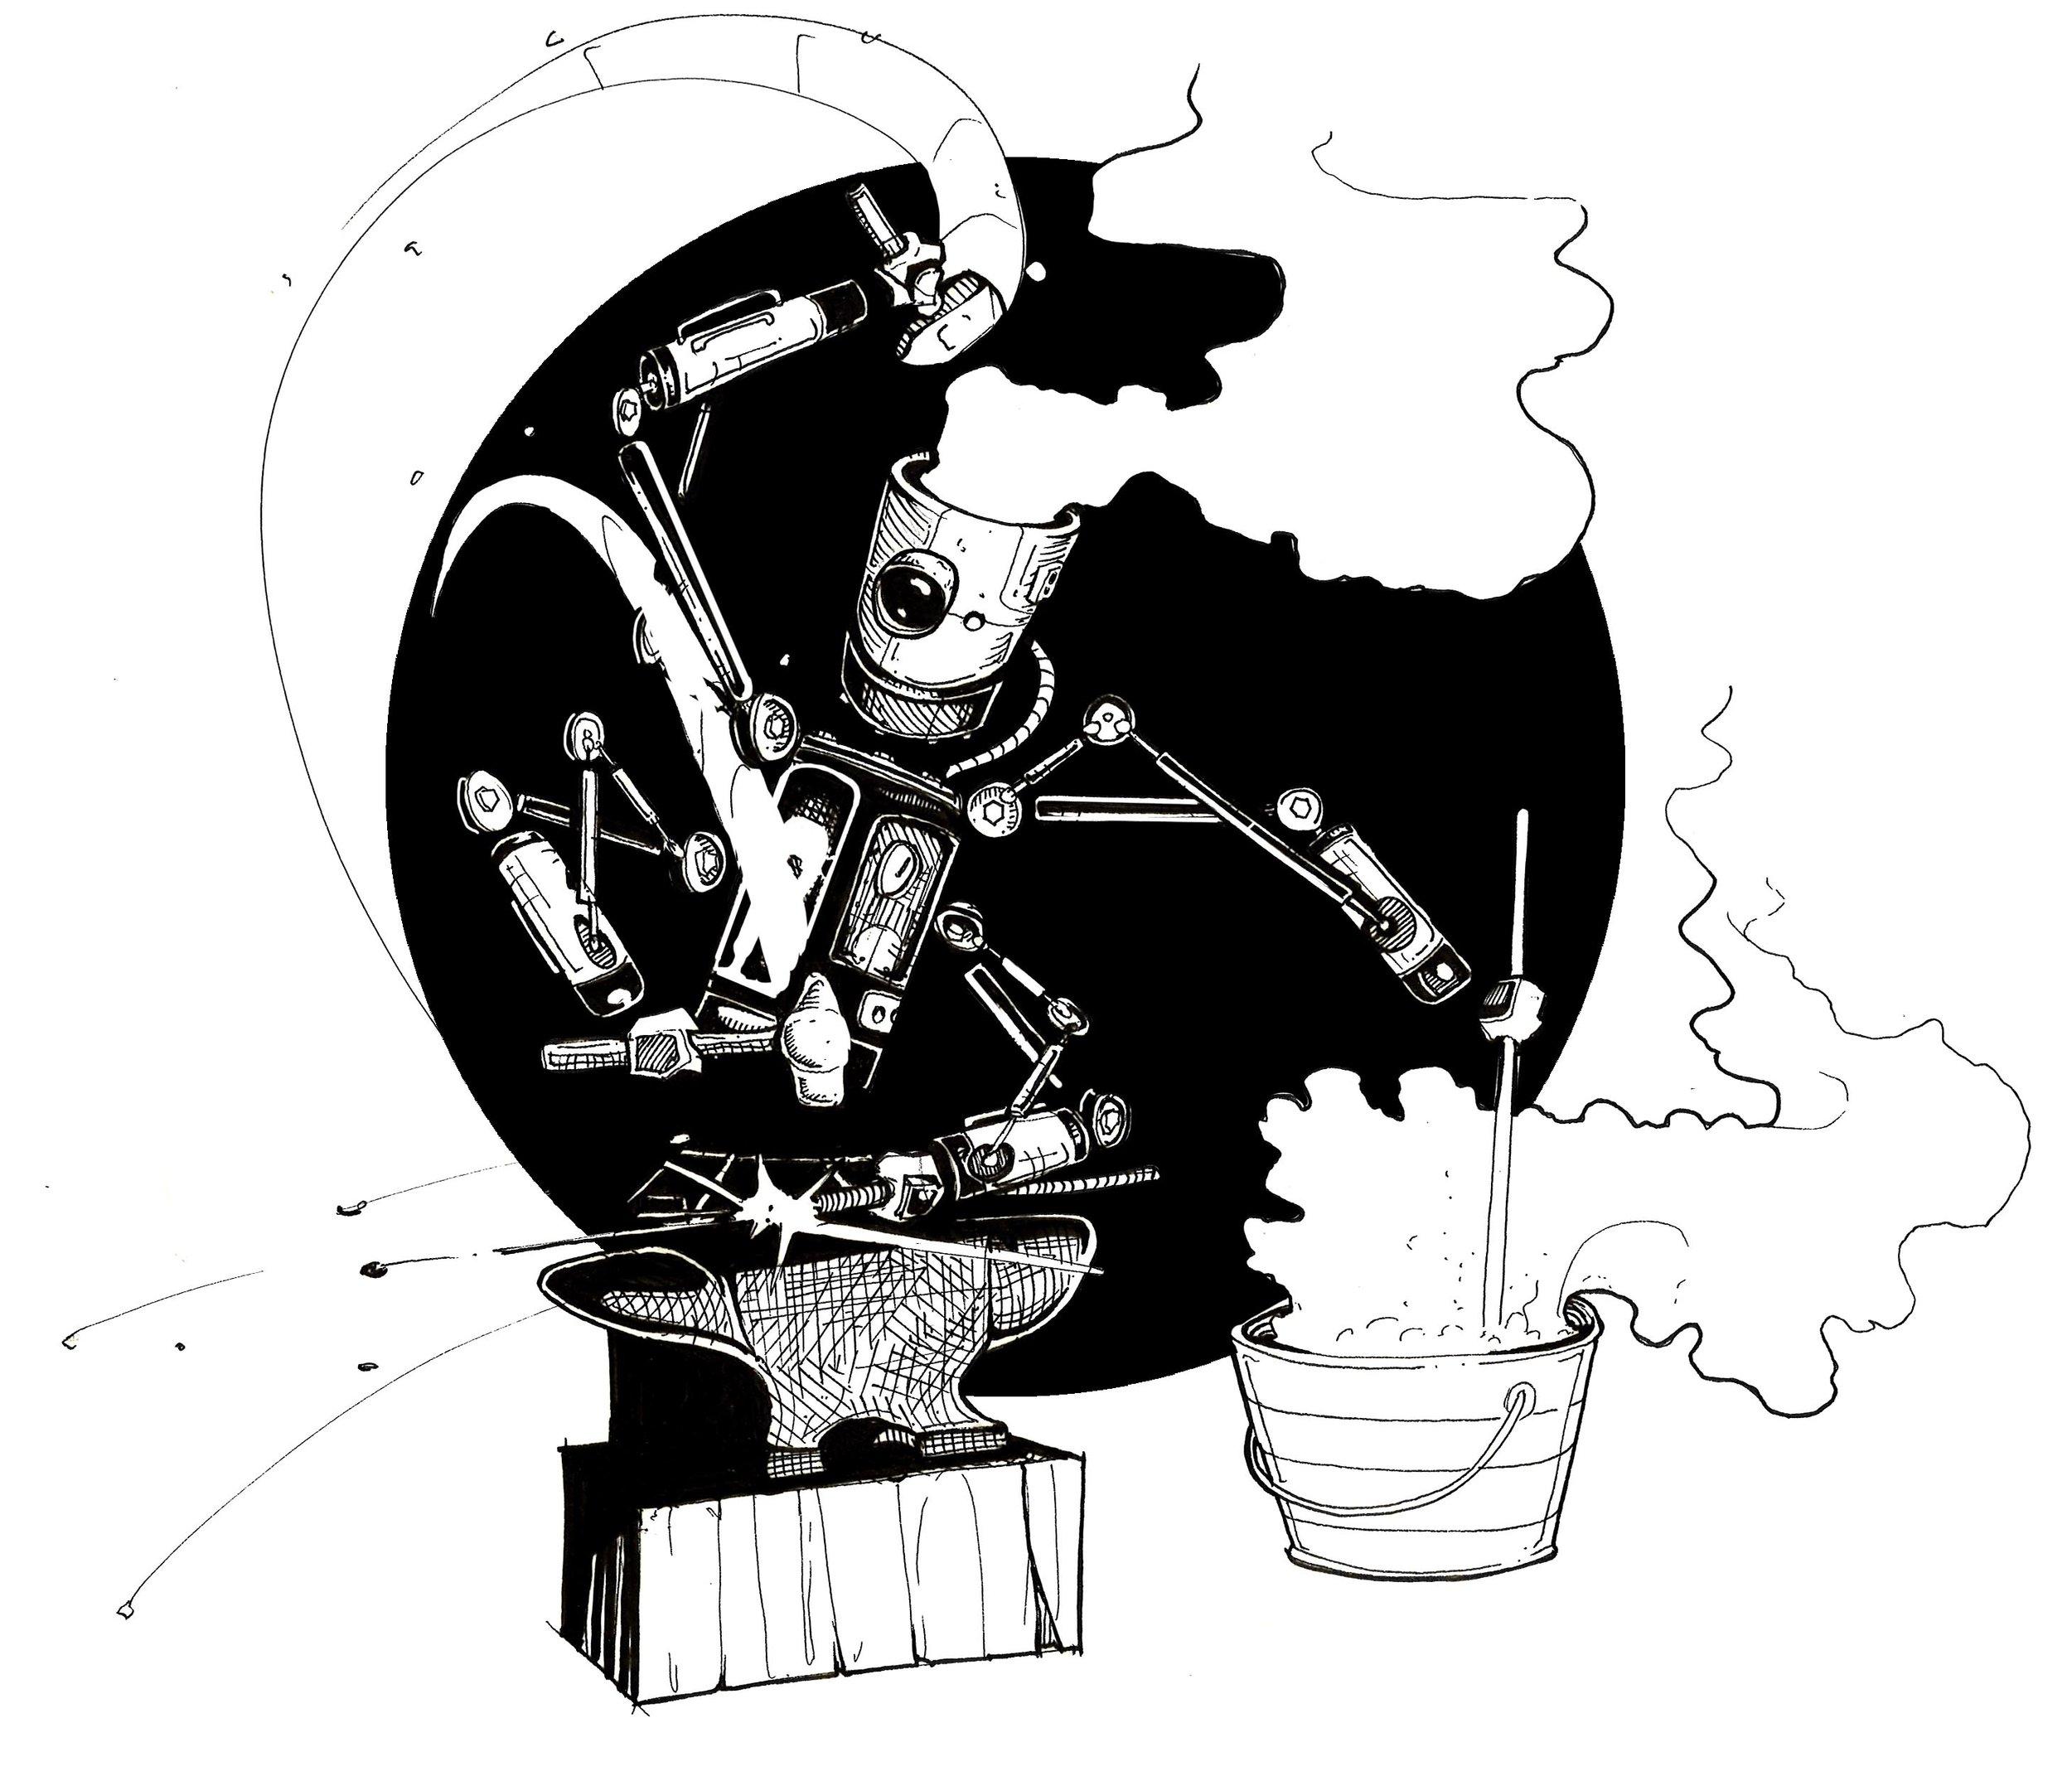 blacksmith bot 4.jpg